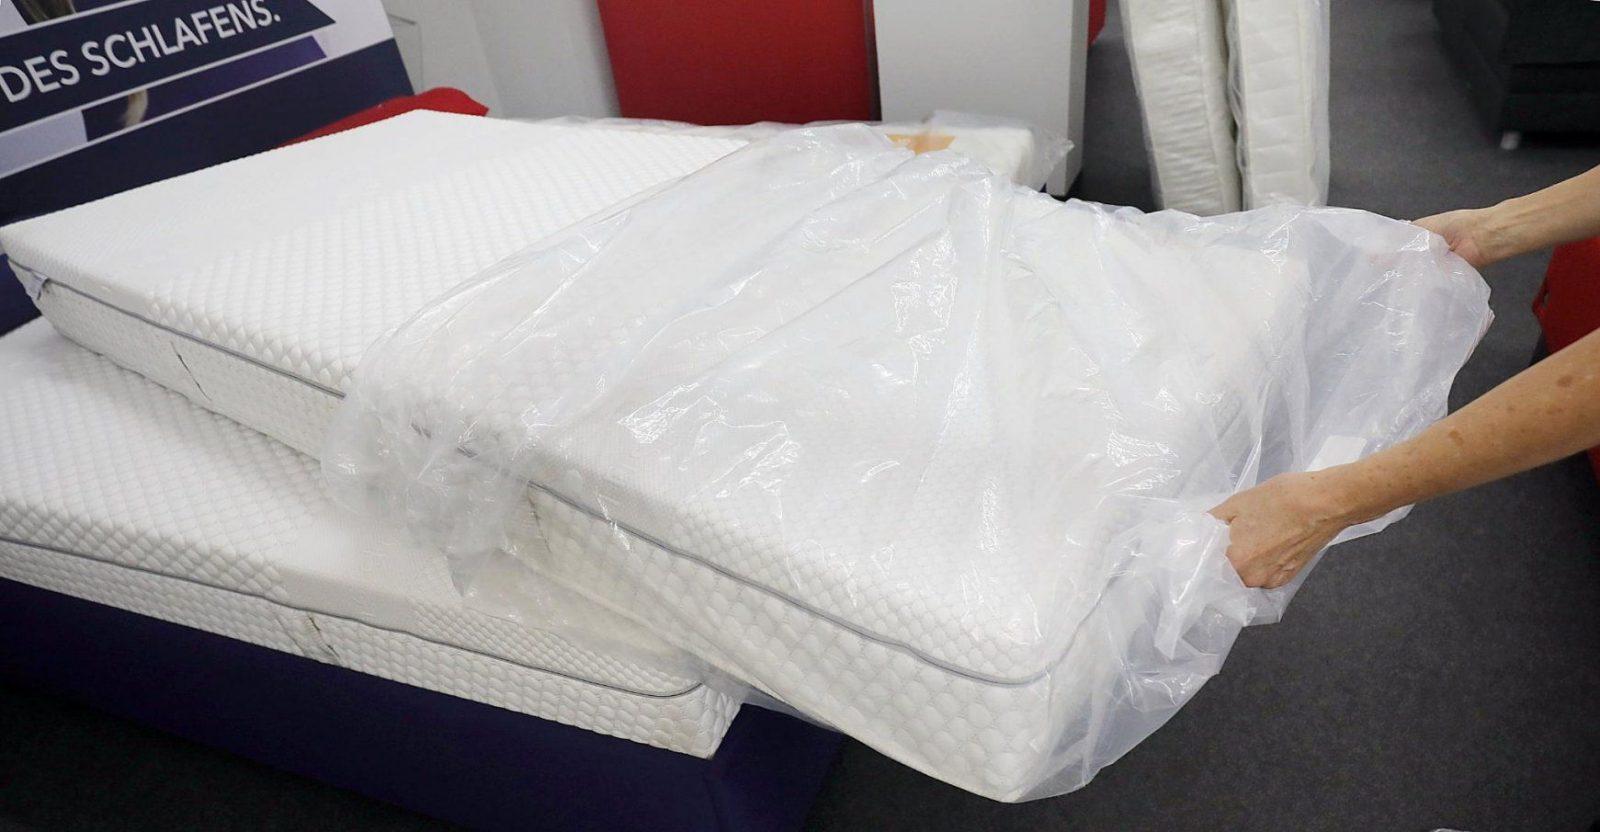 Ist Probeschlafen Okay Matratze Wird Vor Dem Eugh Ausgerollt von Matratze Ikea Zurückgeben Bild